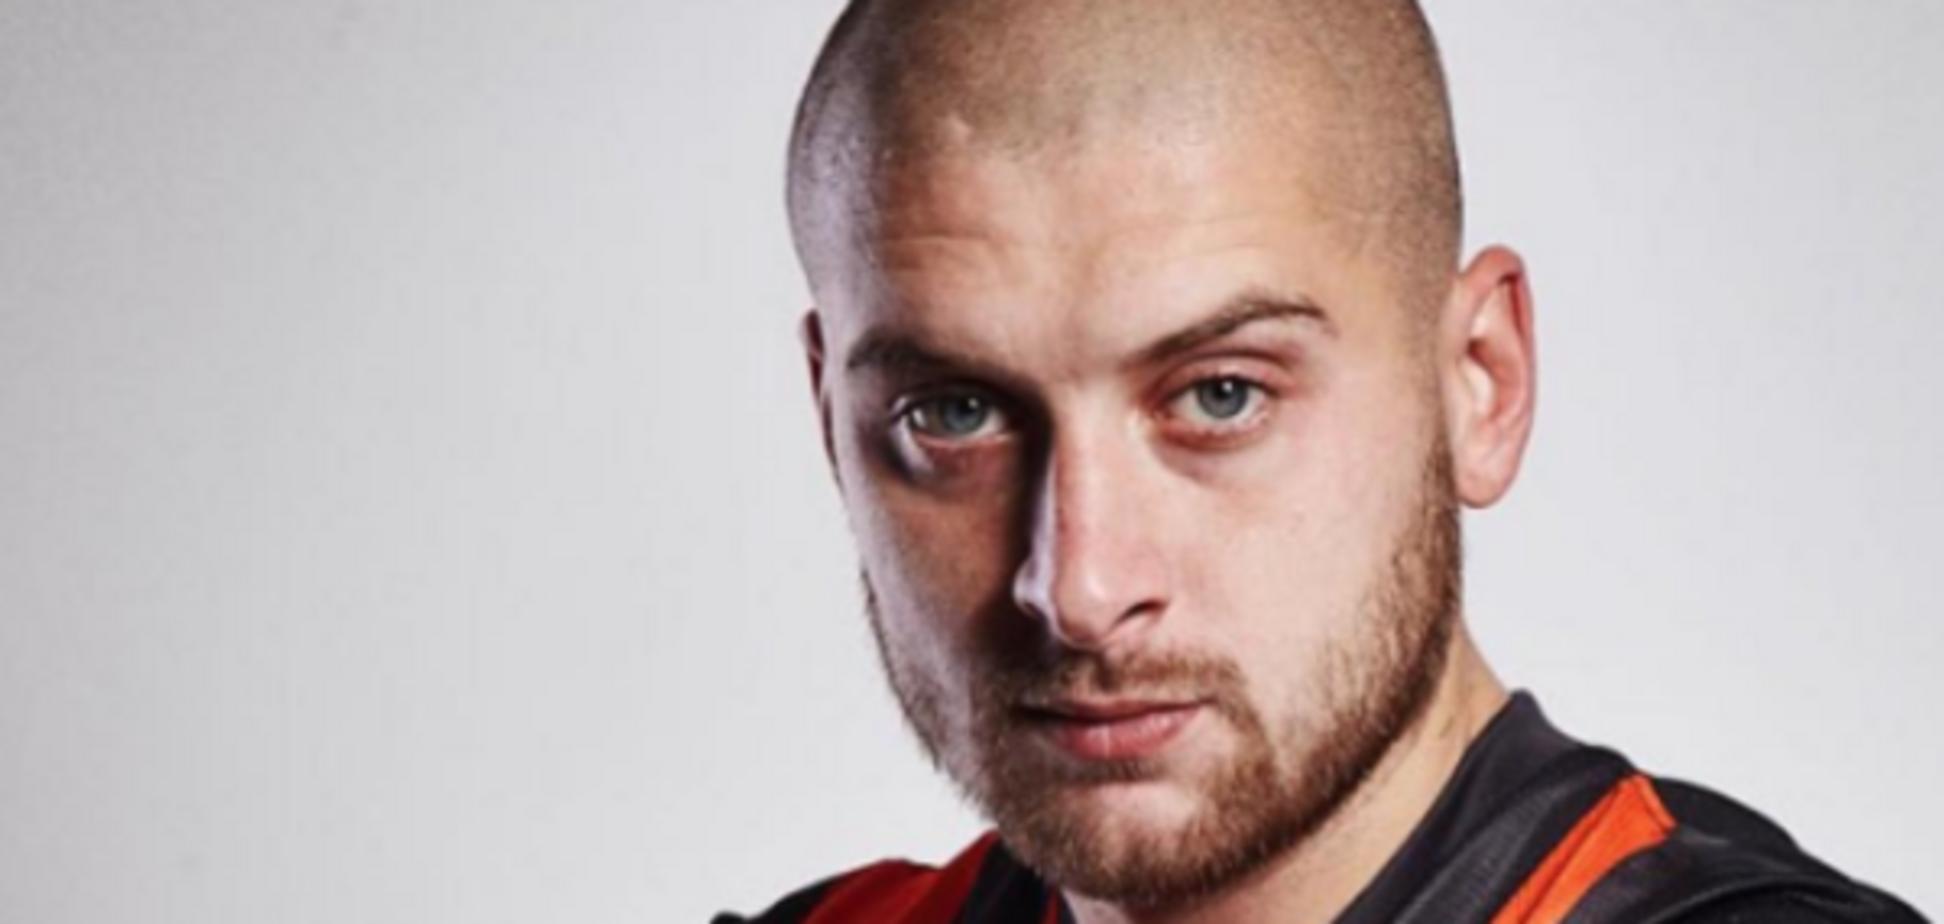 'Залишилося дім побудувати': український футболіст зізнався у скорому поповнення сімейства